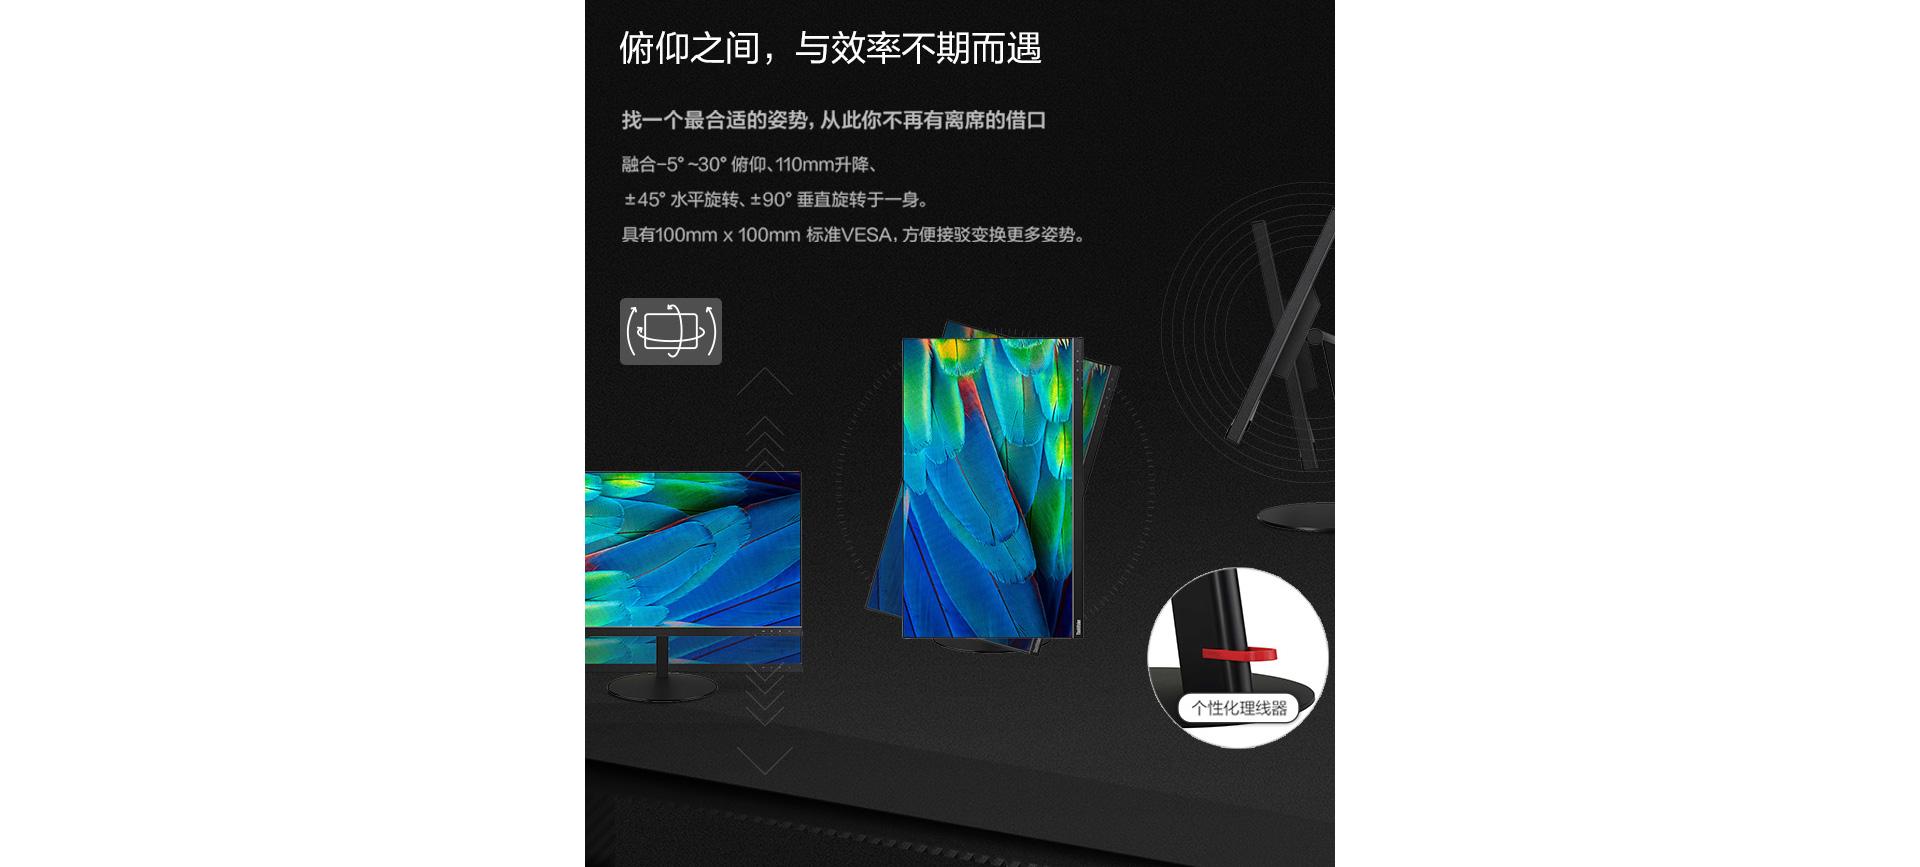 联想ThinkVision P27u-10显示器的价格,两国相差超过3.6倍!